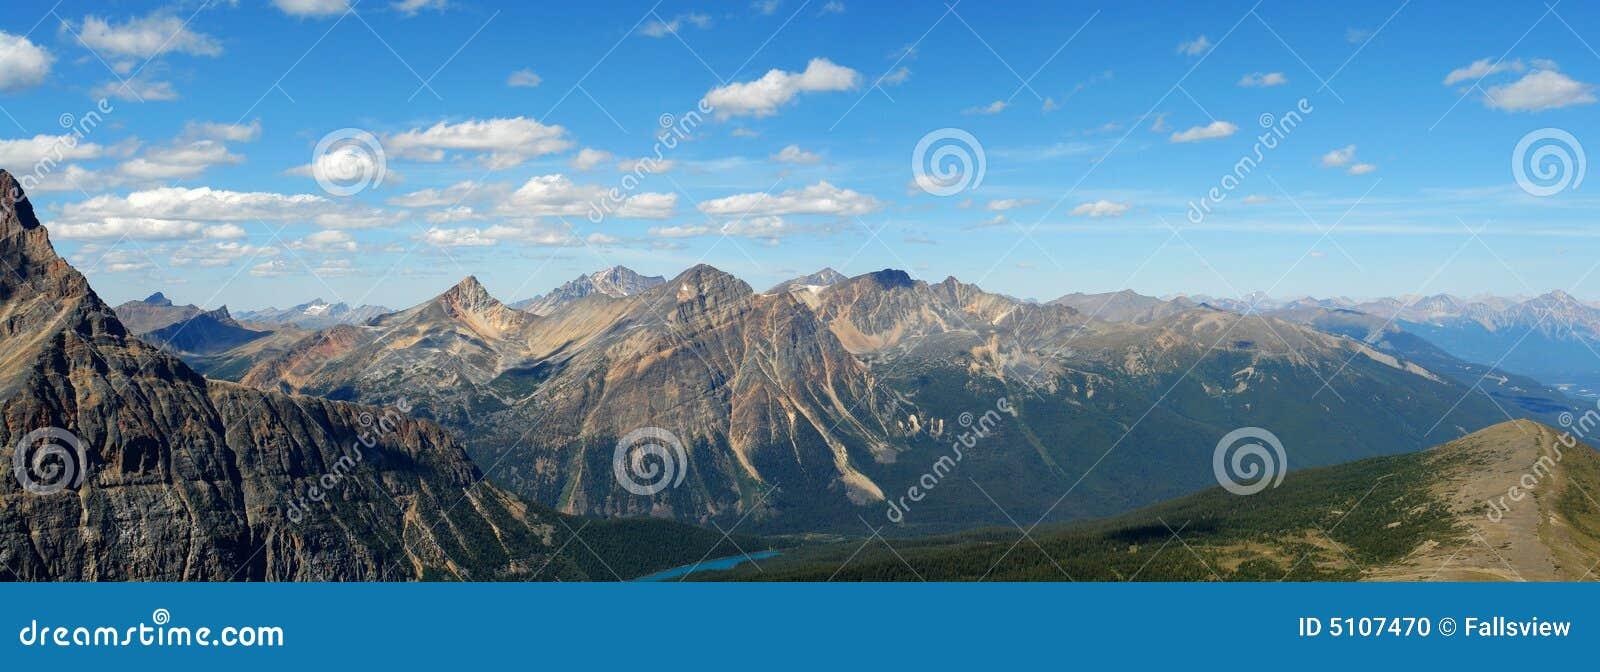 Panorama de montanhas rochosas